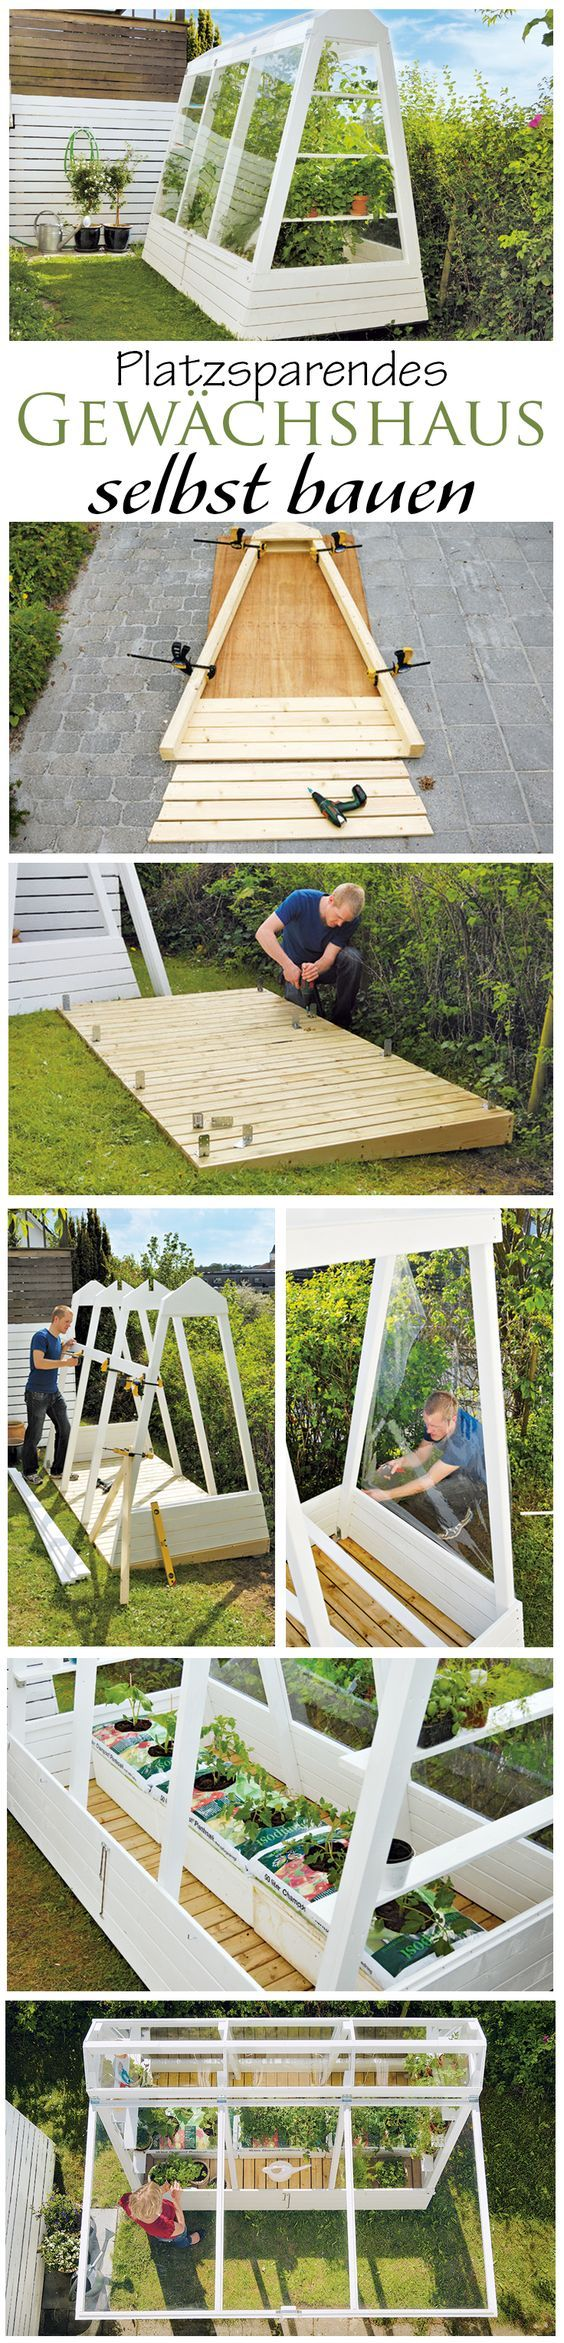 Ein Gewächshaus muss nicht immer riesengroß sein. Wir zeigen den Bau eines platzsparenden Gewächshauses, welches auch in kleinen Gärten einen Platz findet. (Top Ideas Diy)